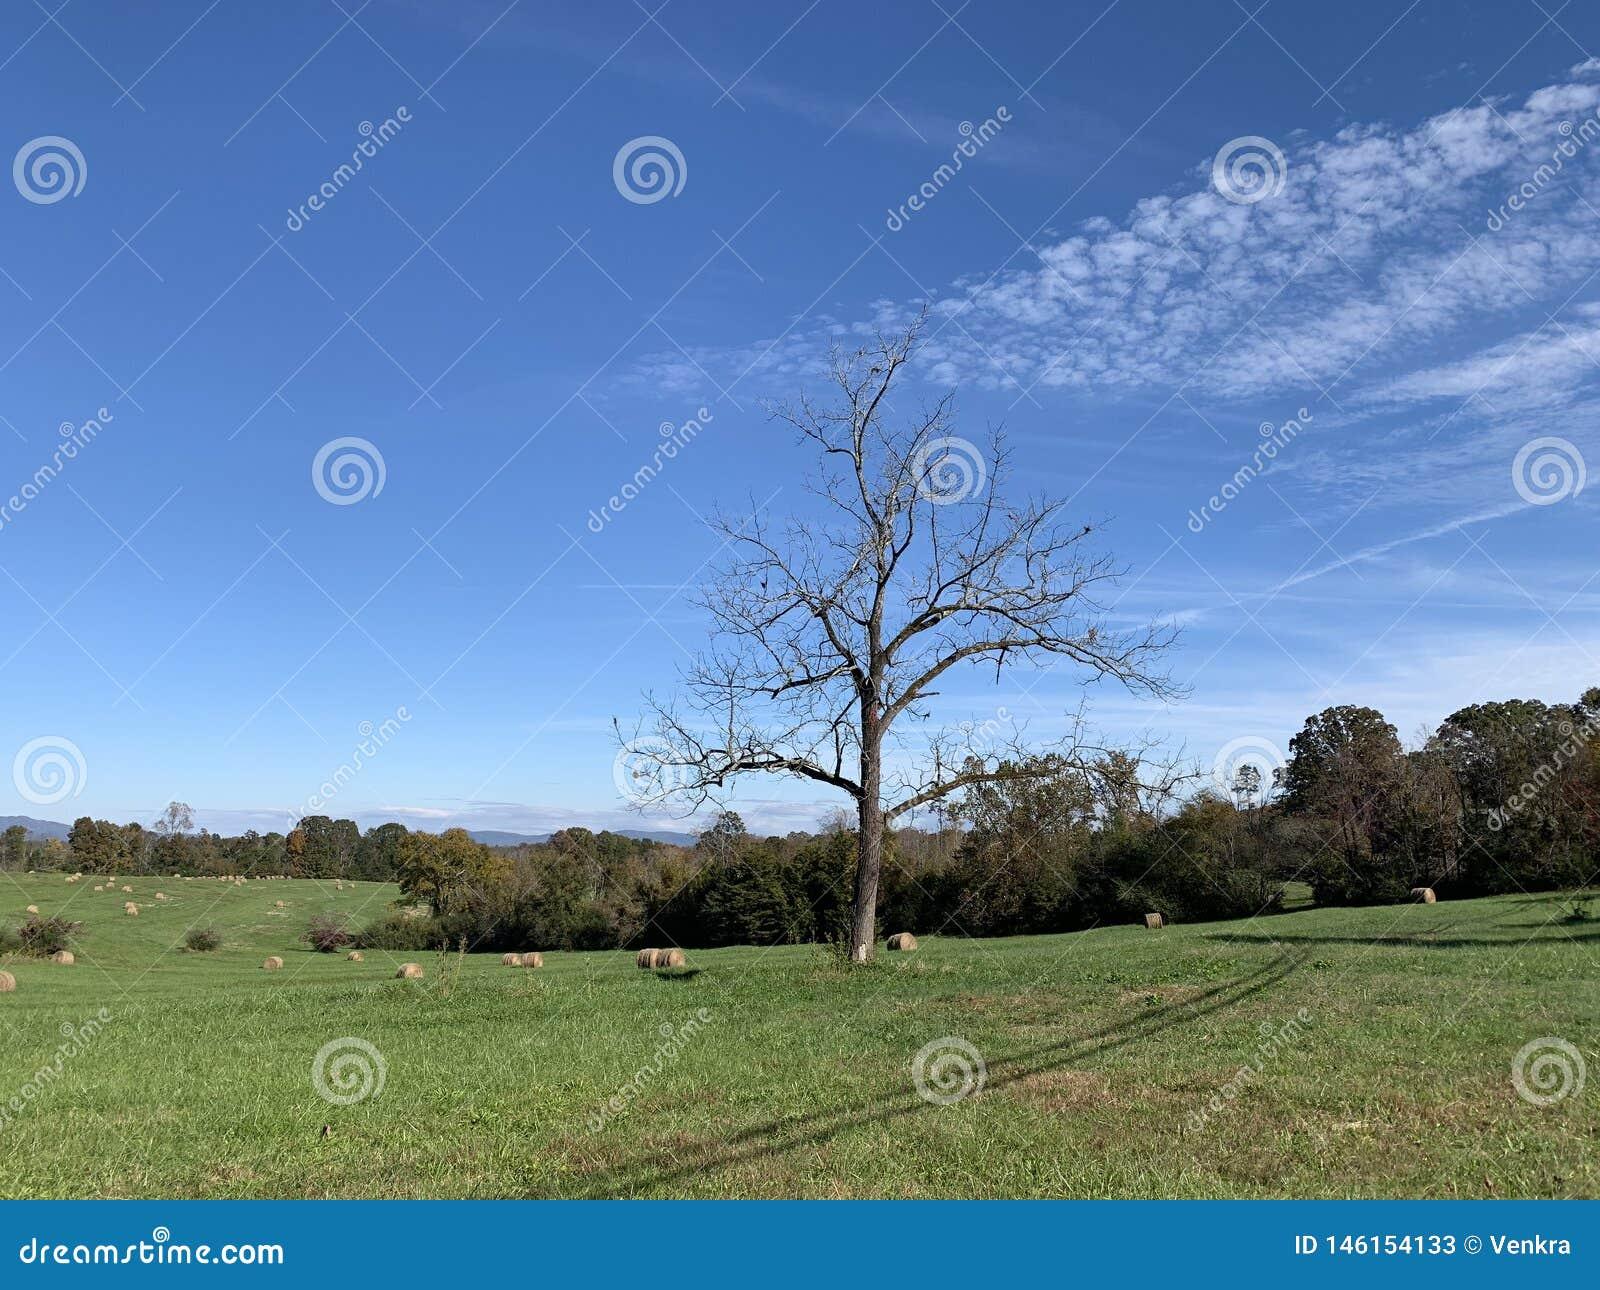 Сиротливое дерево в травянистом ландшафте с голубым небом и белыми облаками